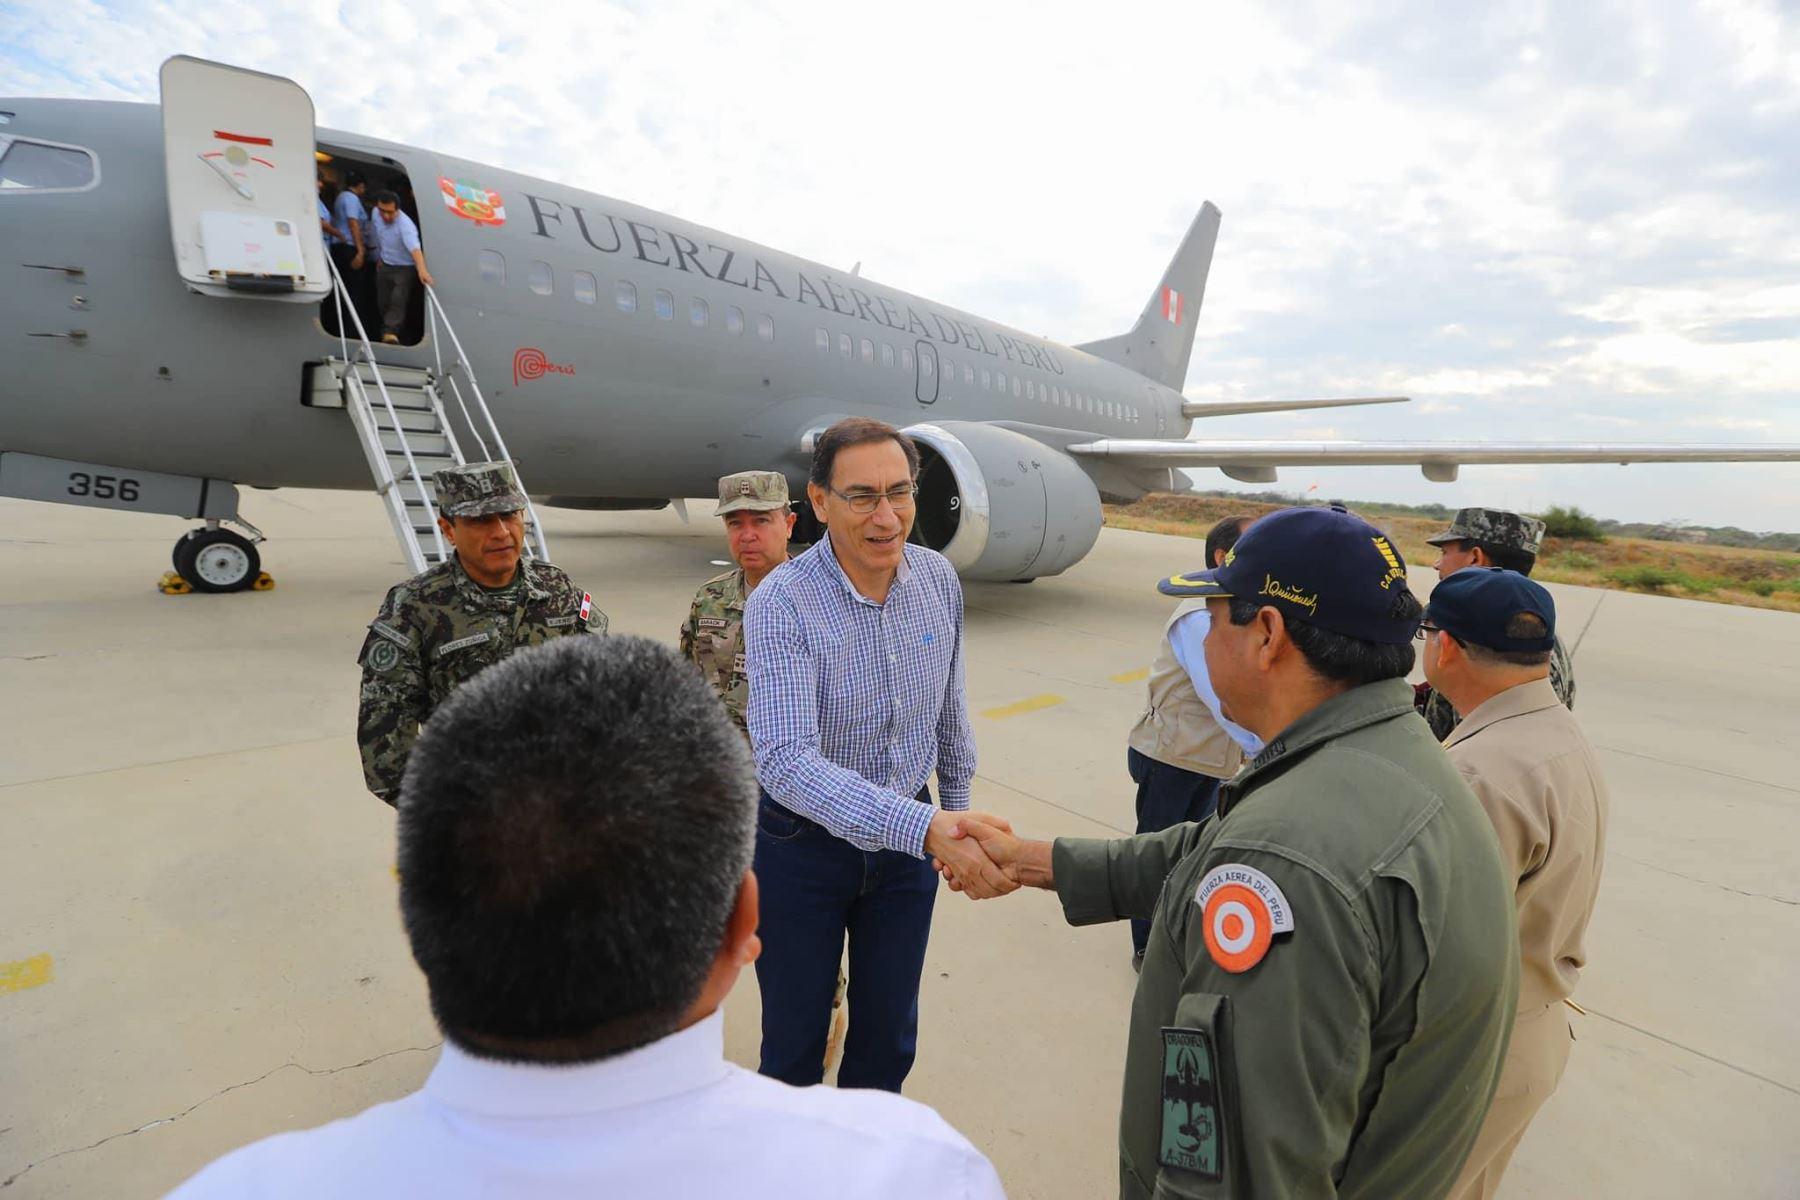 Presidente Martín Vizcarra llega a la región de Piura, a fin de constatar la situación de los damnificados. Foto: ANDINA/ Prensa Presidencia